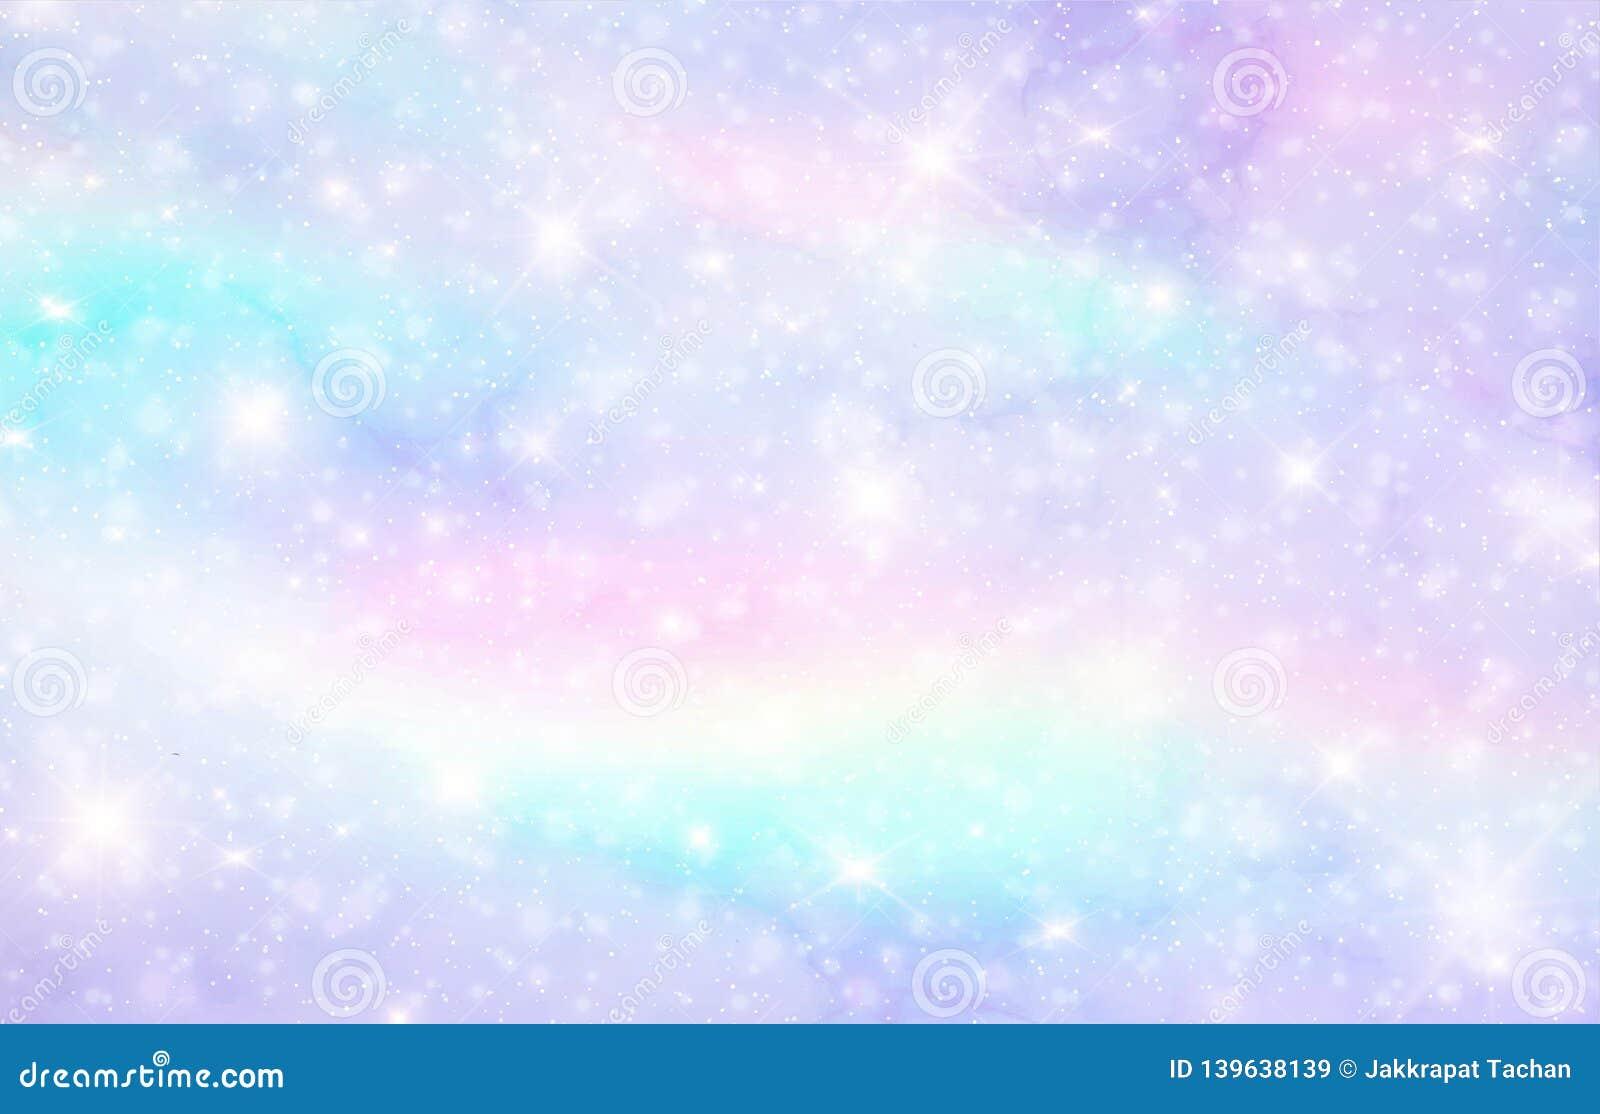 Vector иллюстрация предпосылки и пастельного цвета фантазии галактики Единорог в пастельном небе с радугой Пастельные облака и wi